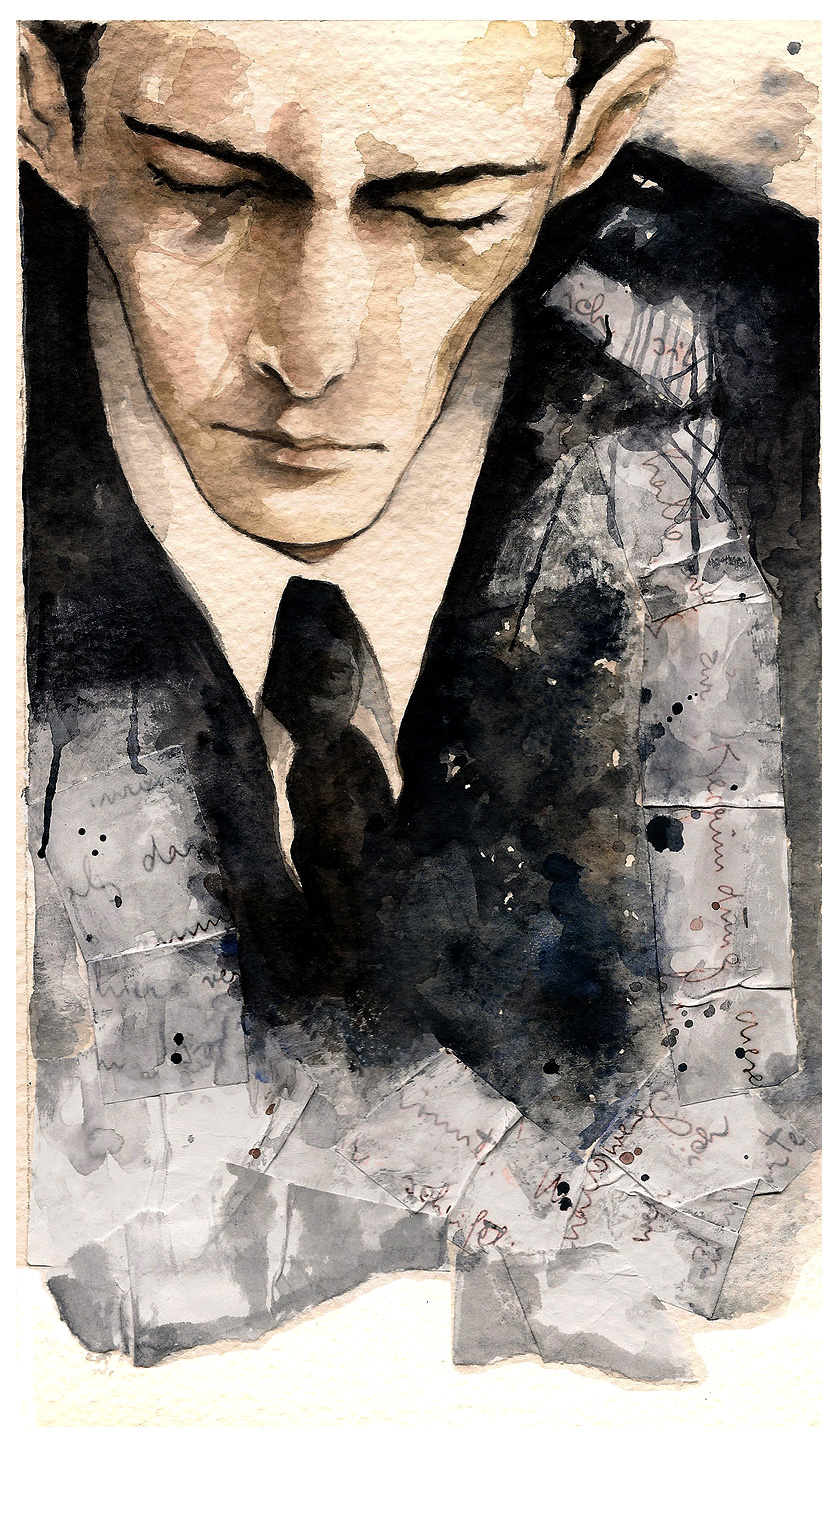 Kafka by Nachan